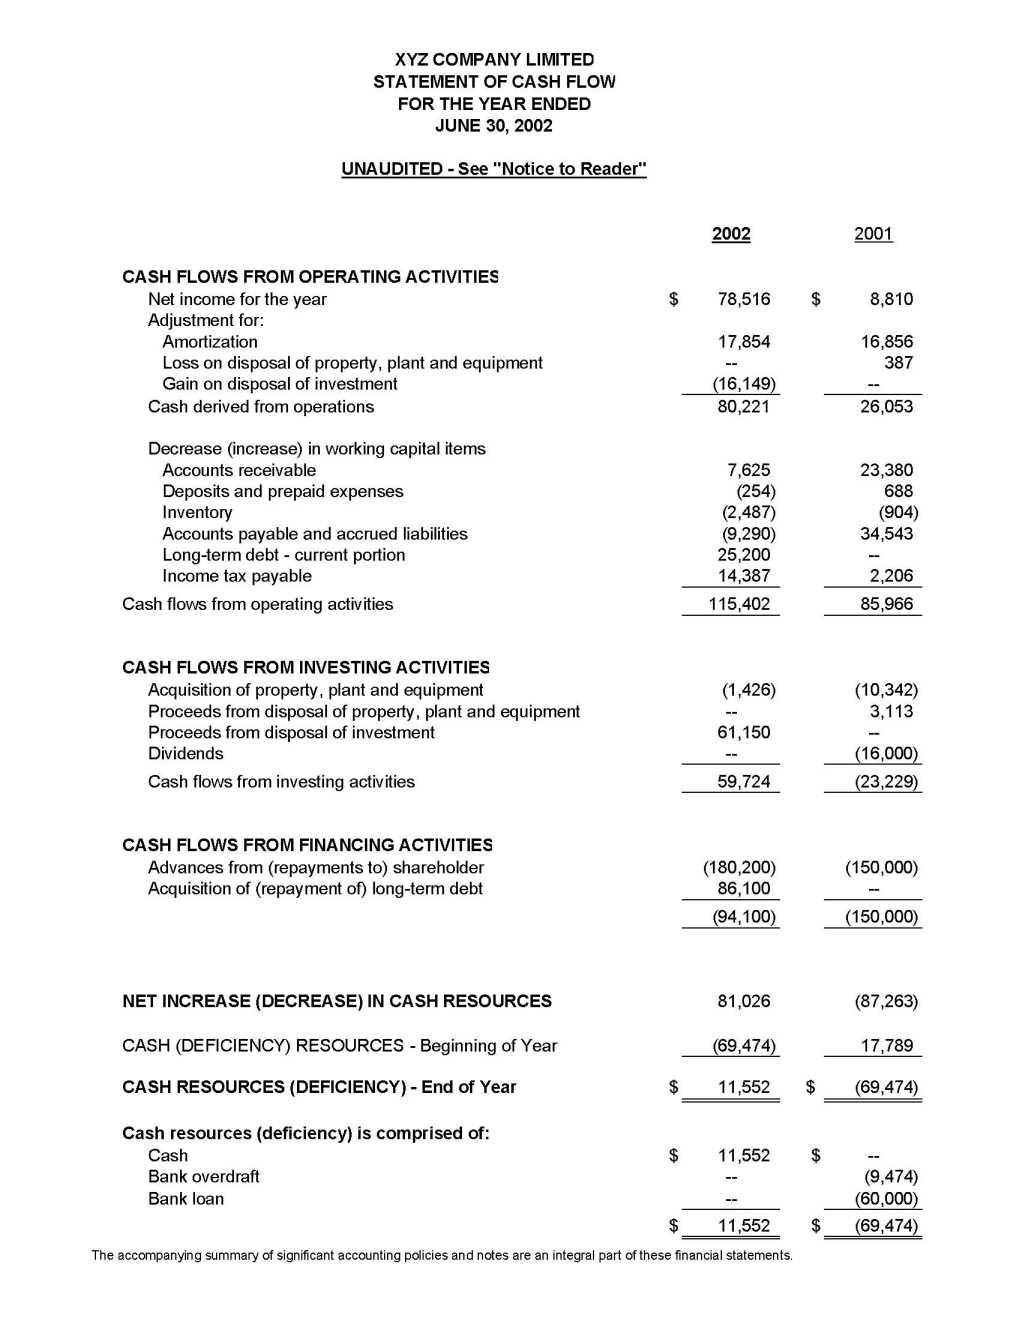 Gaap Financial Statements